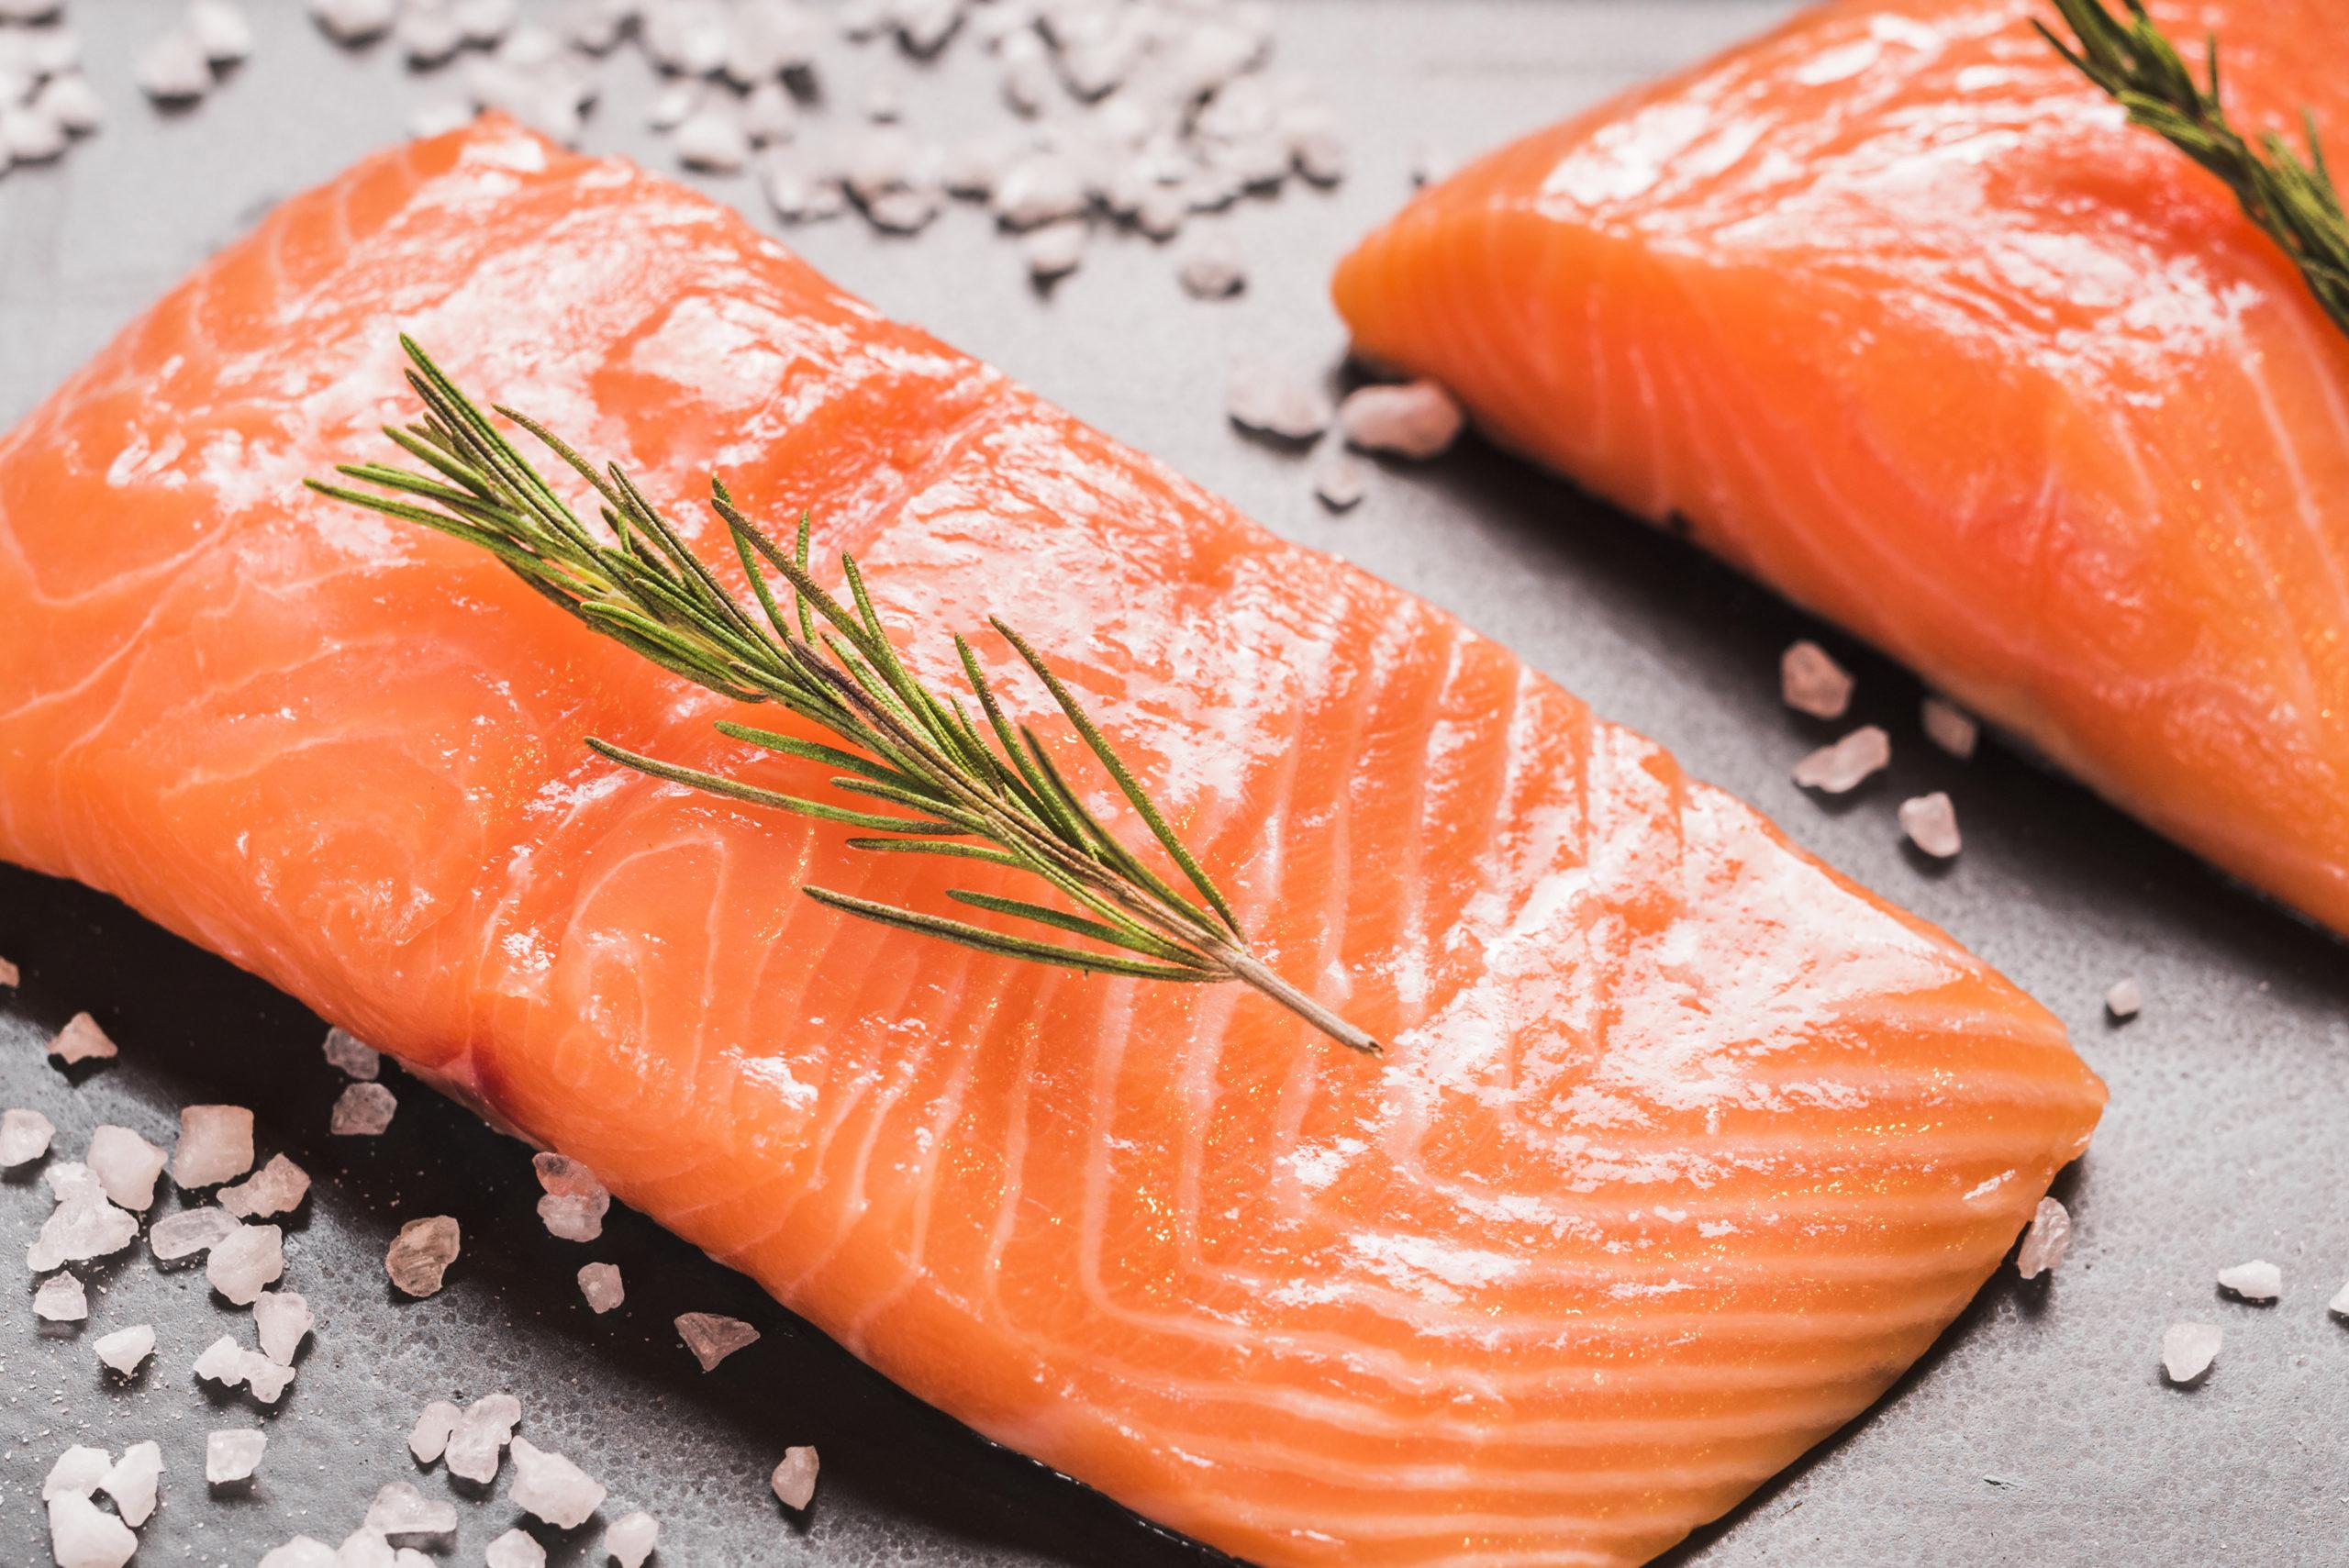 Il salmone: uno tra i pesci più amati al mondo